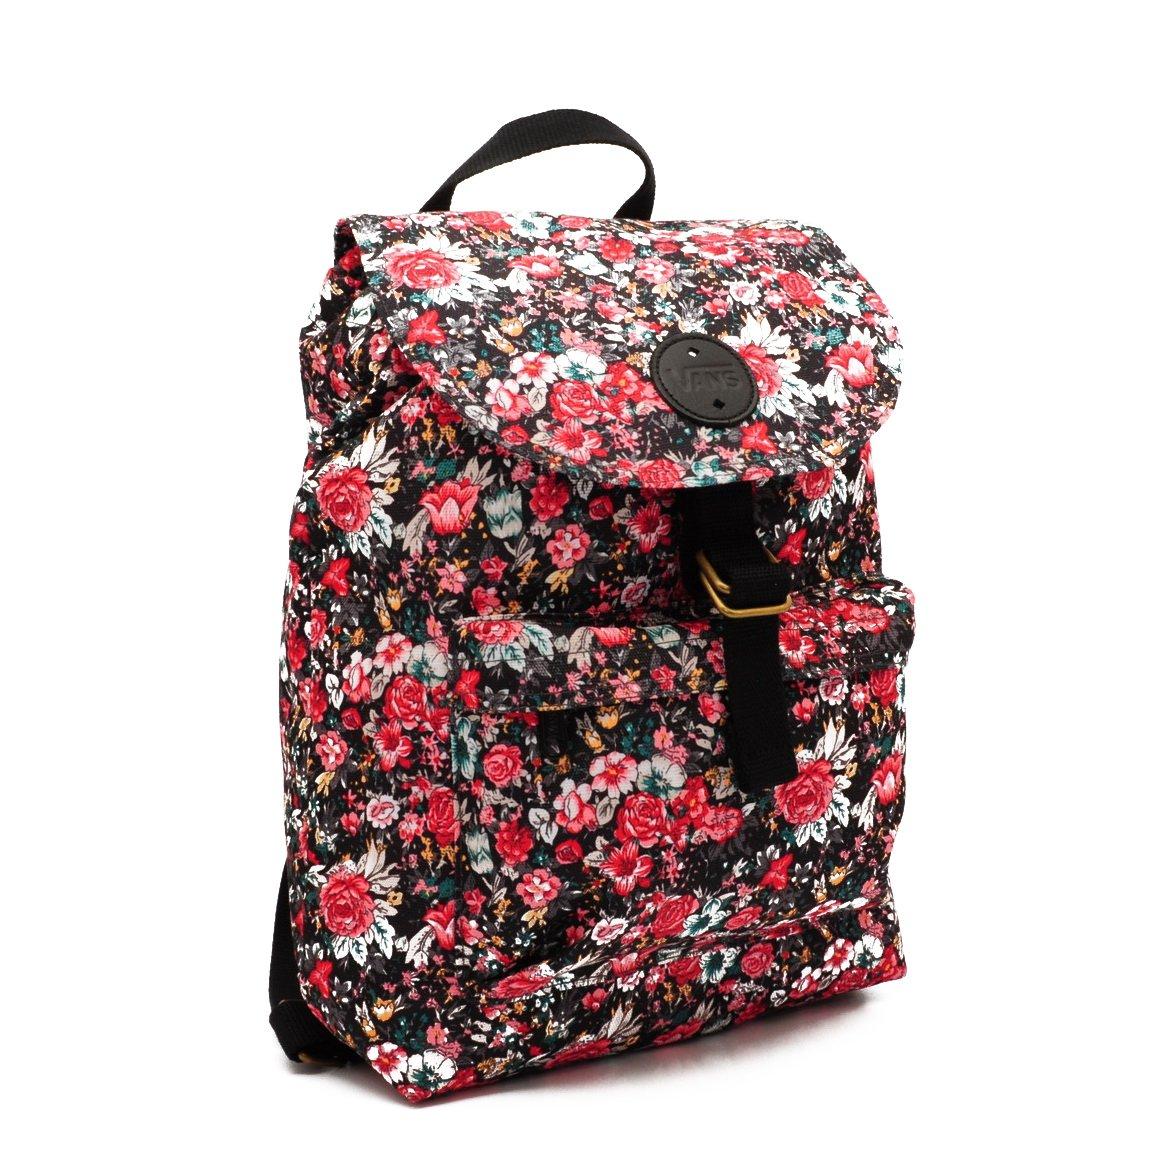 Táska divat – Női vászon hátizsákok reneszánszukat élik  1f9bc1c66a